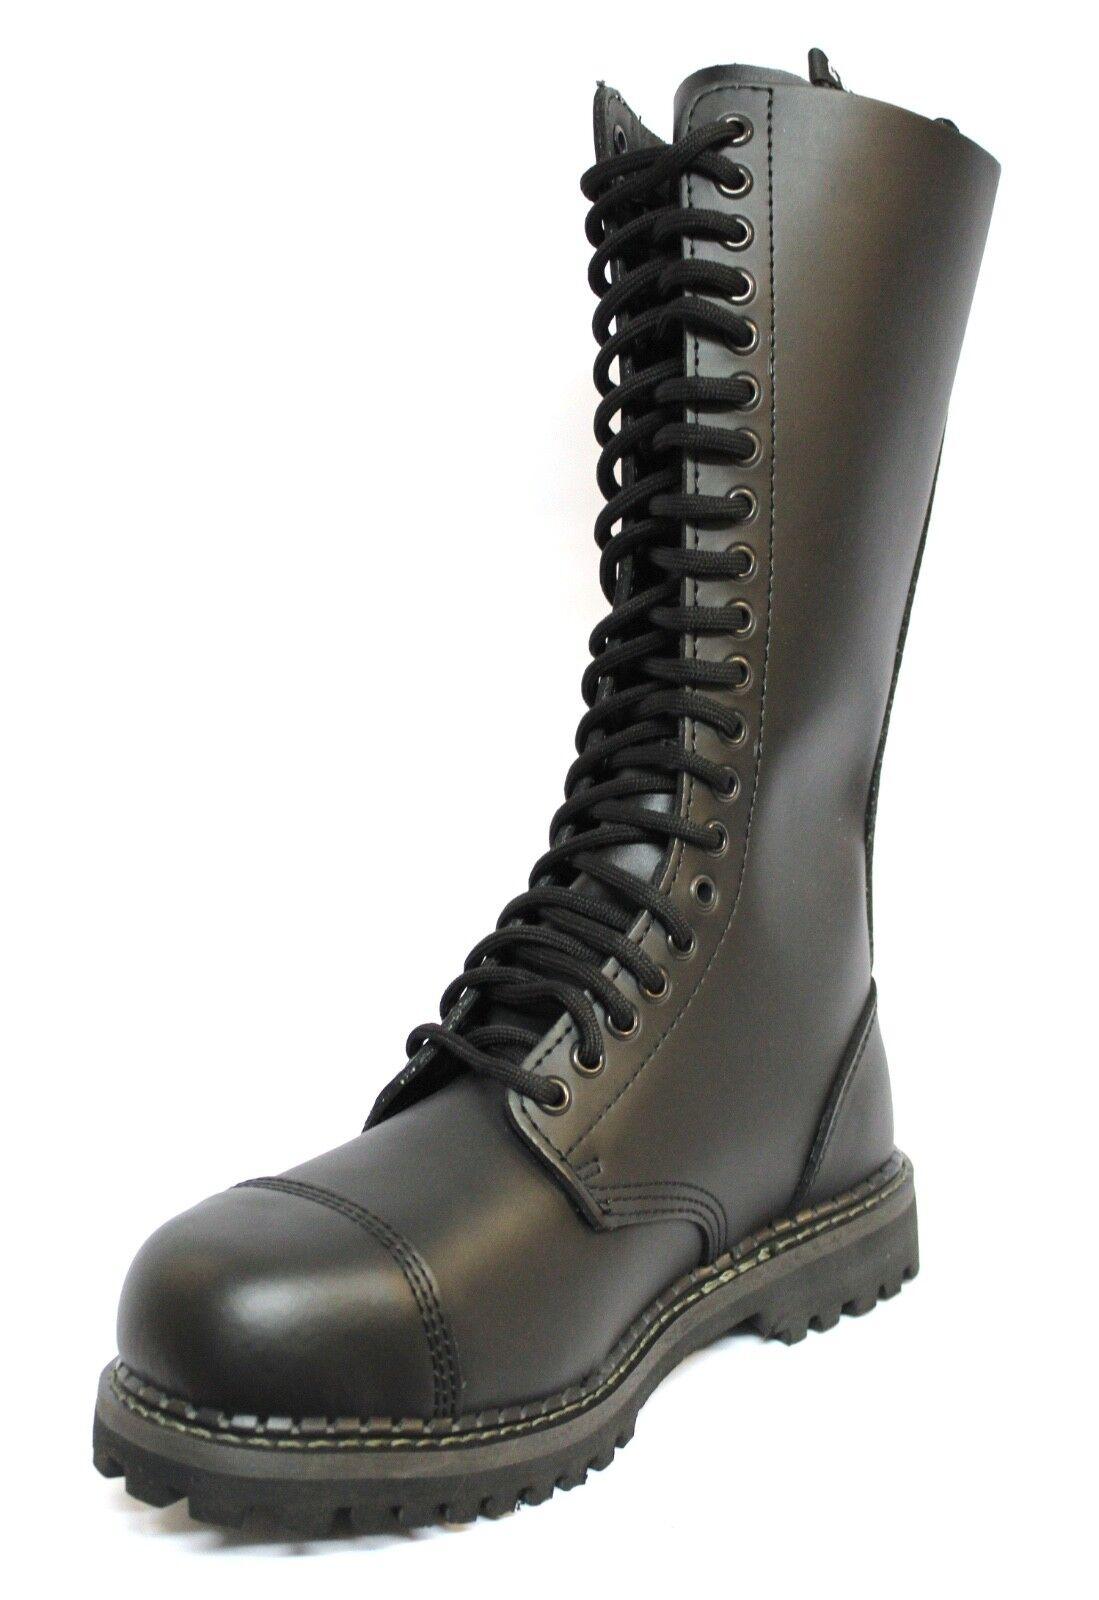 servizio premuroso Grinders KingCS Uomo Sicurezza Punta in Acciaio Nero stili Militare Militare Militare Stivali Allacciati  best-seller